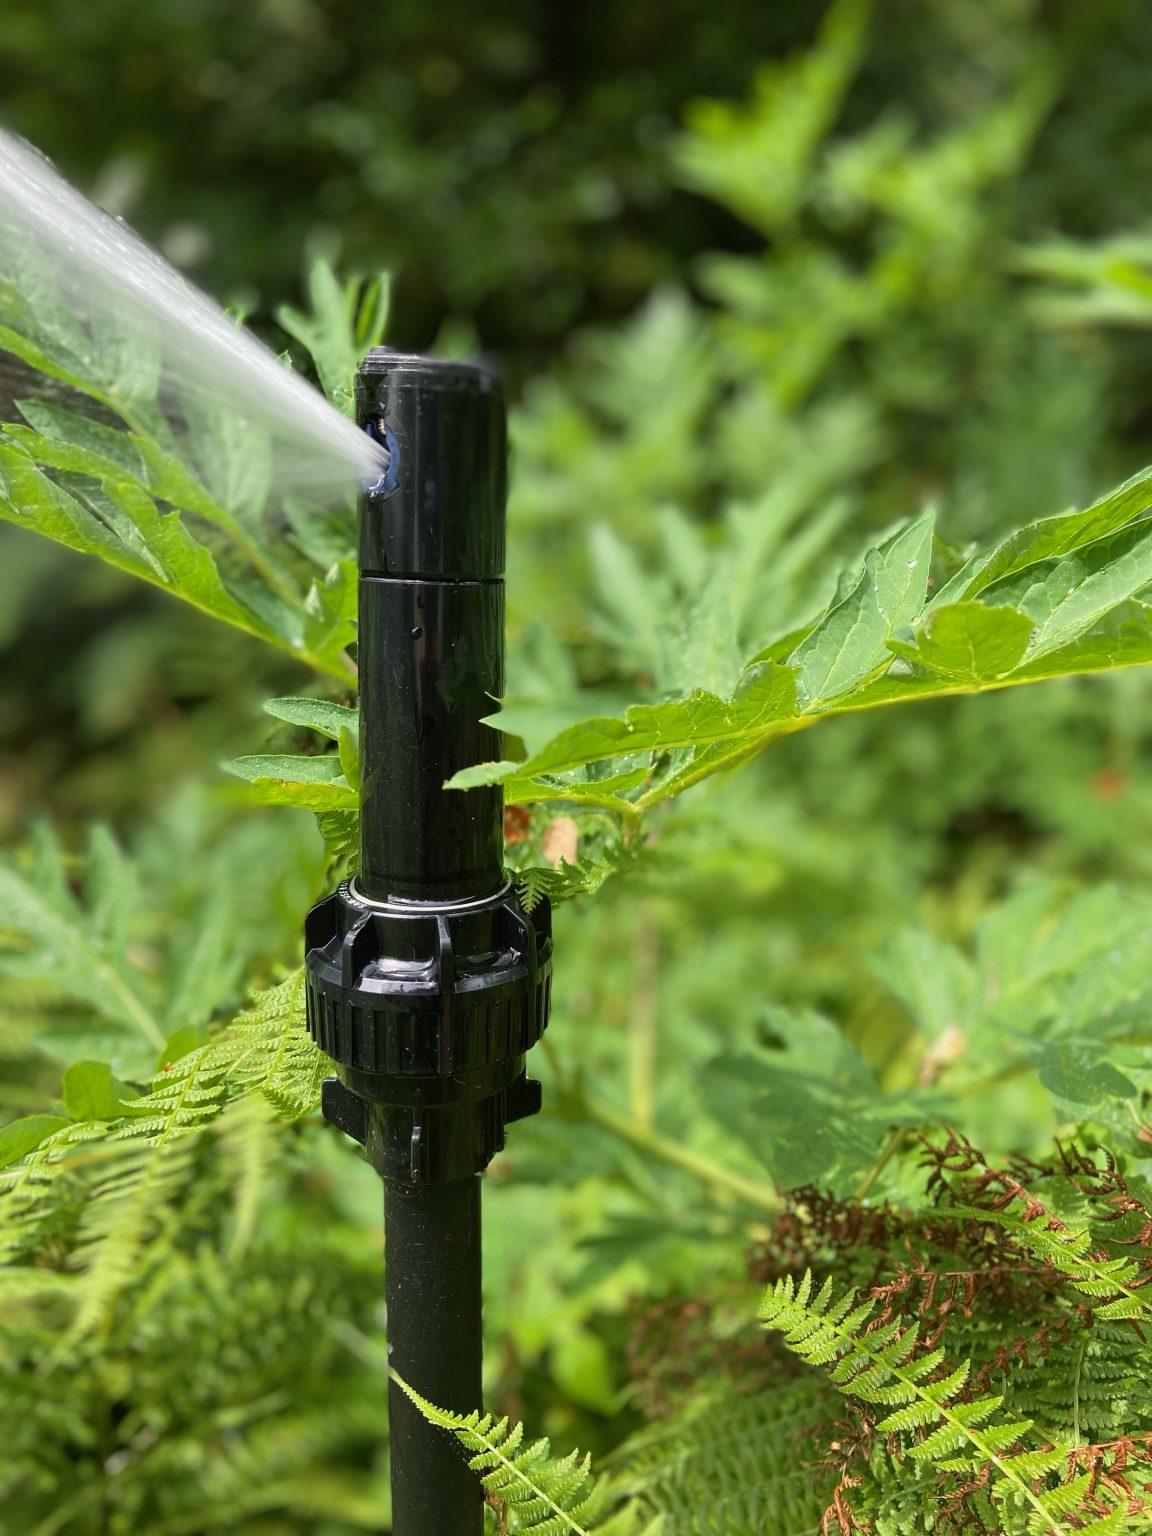 Close up of sprinkler